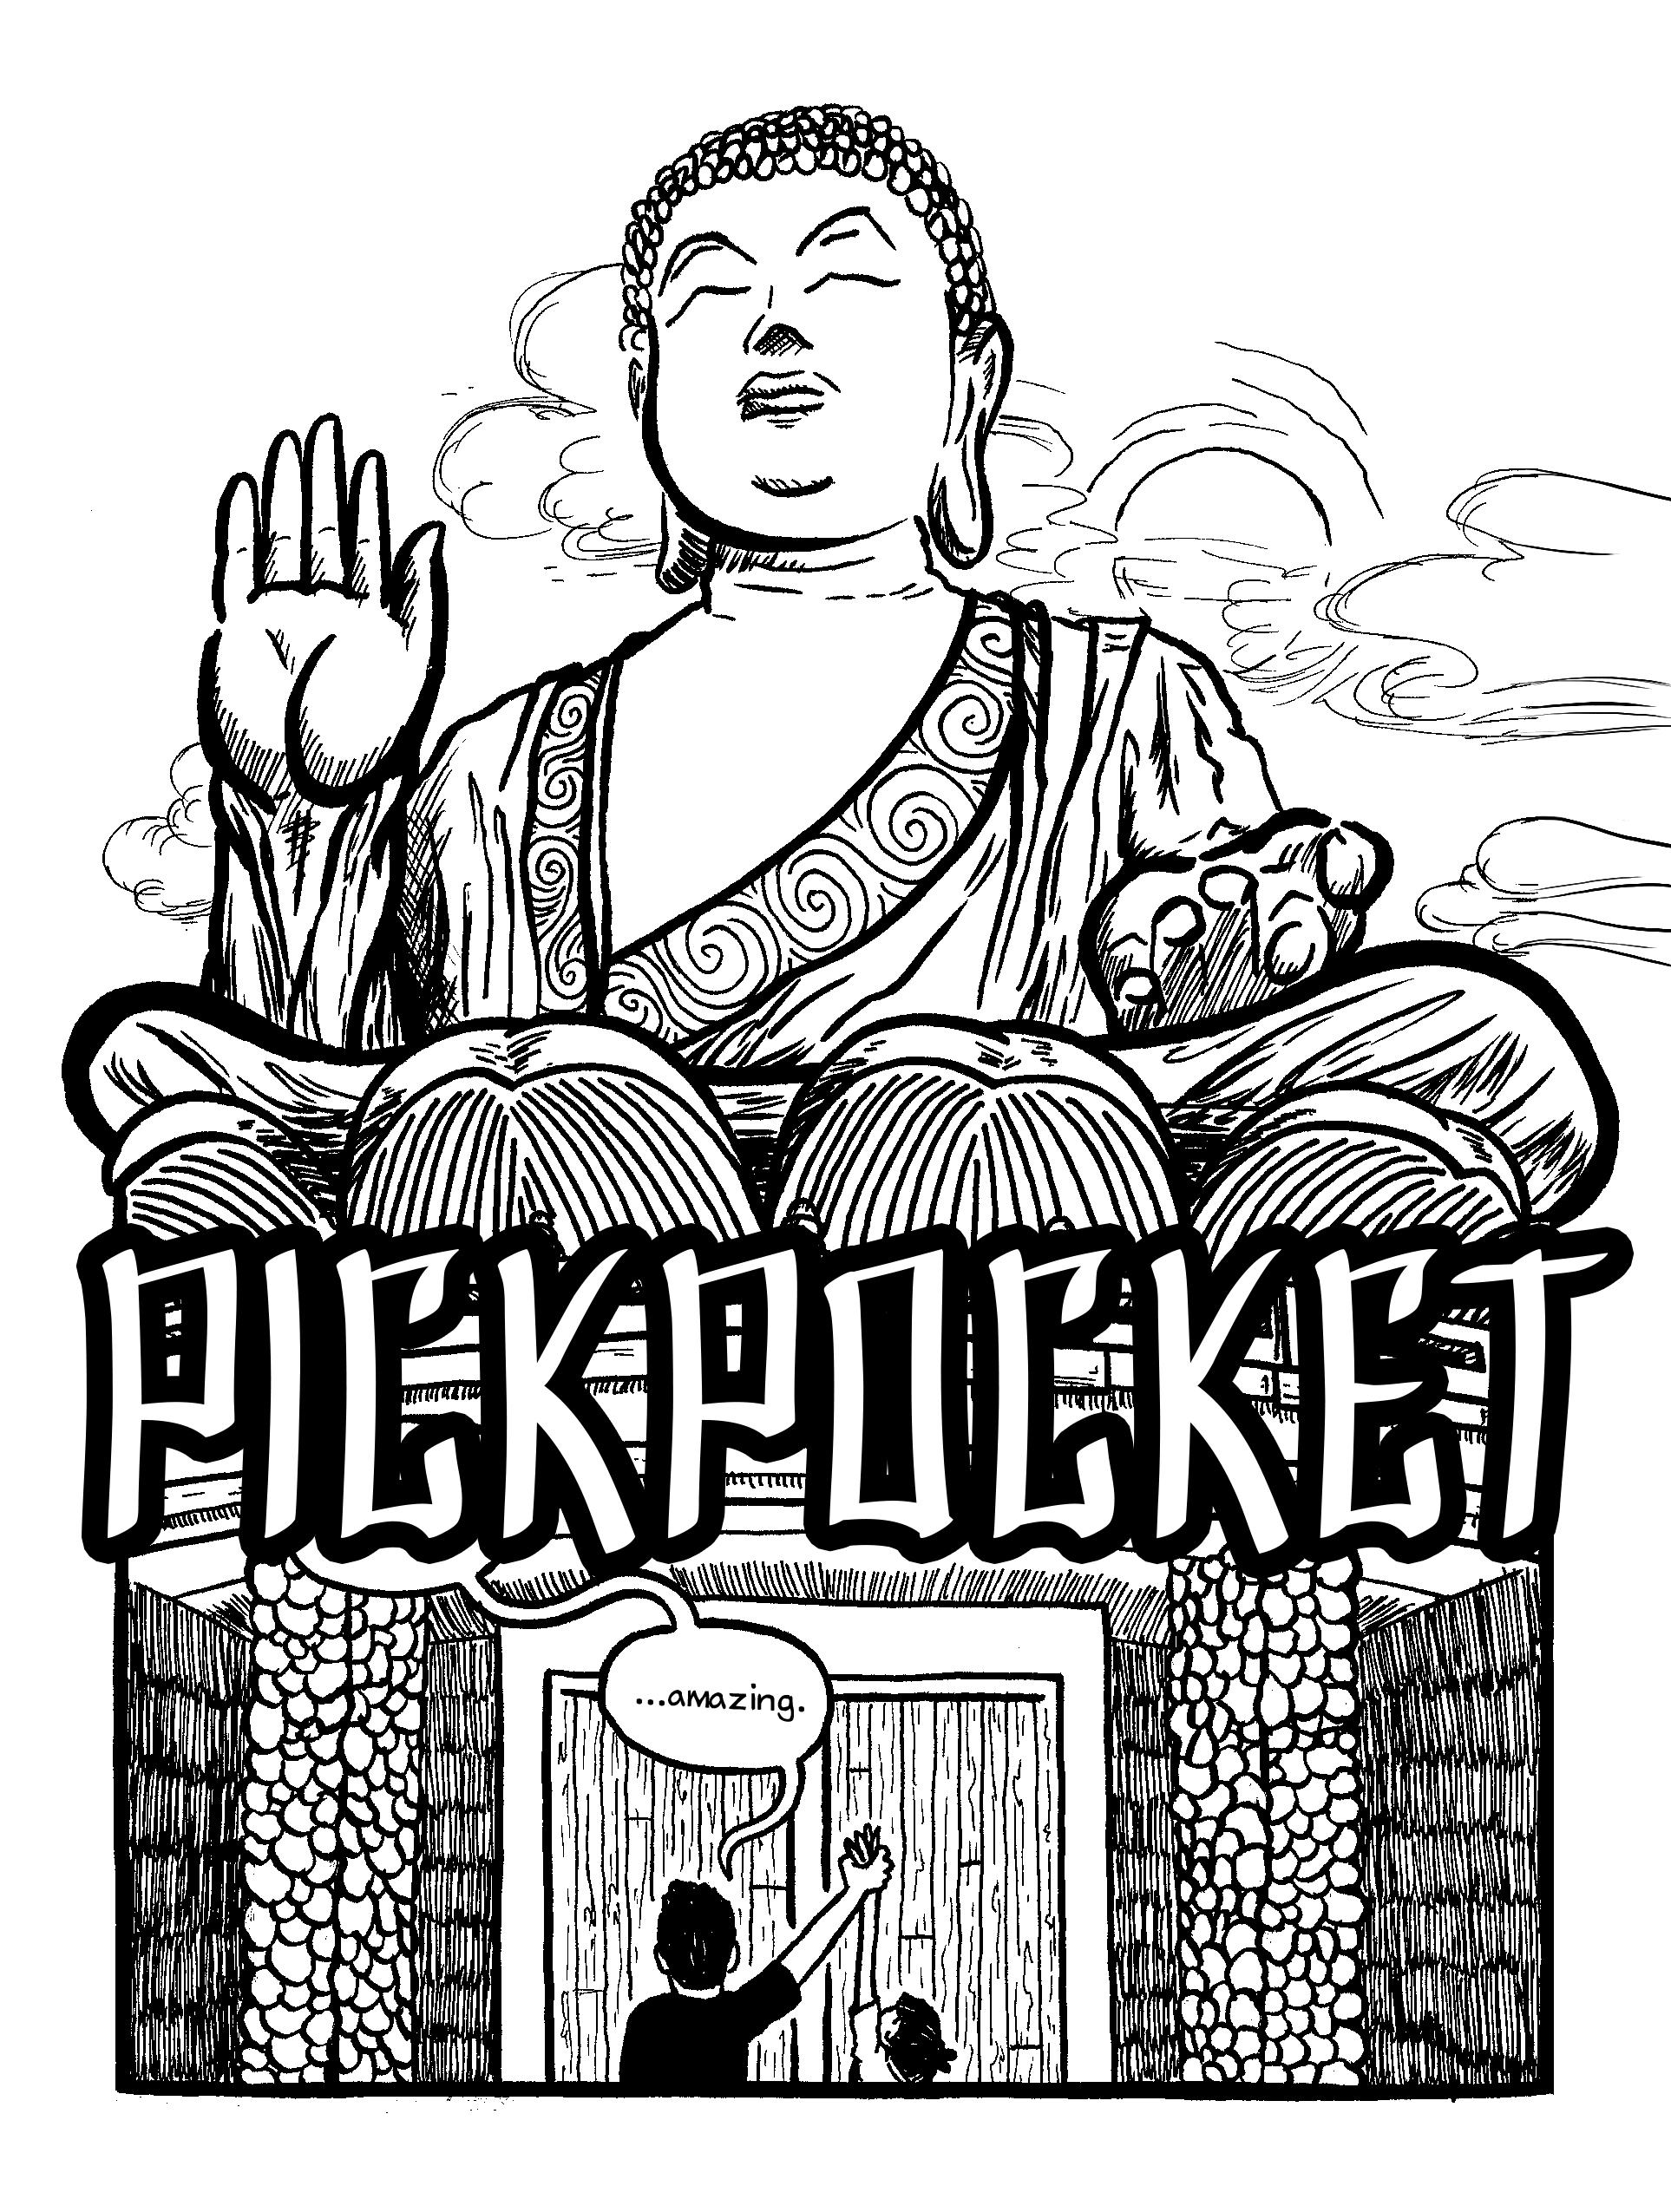 Pickpocket_Cover Image.jpg